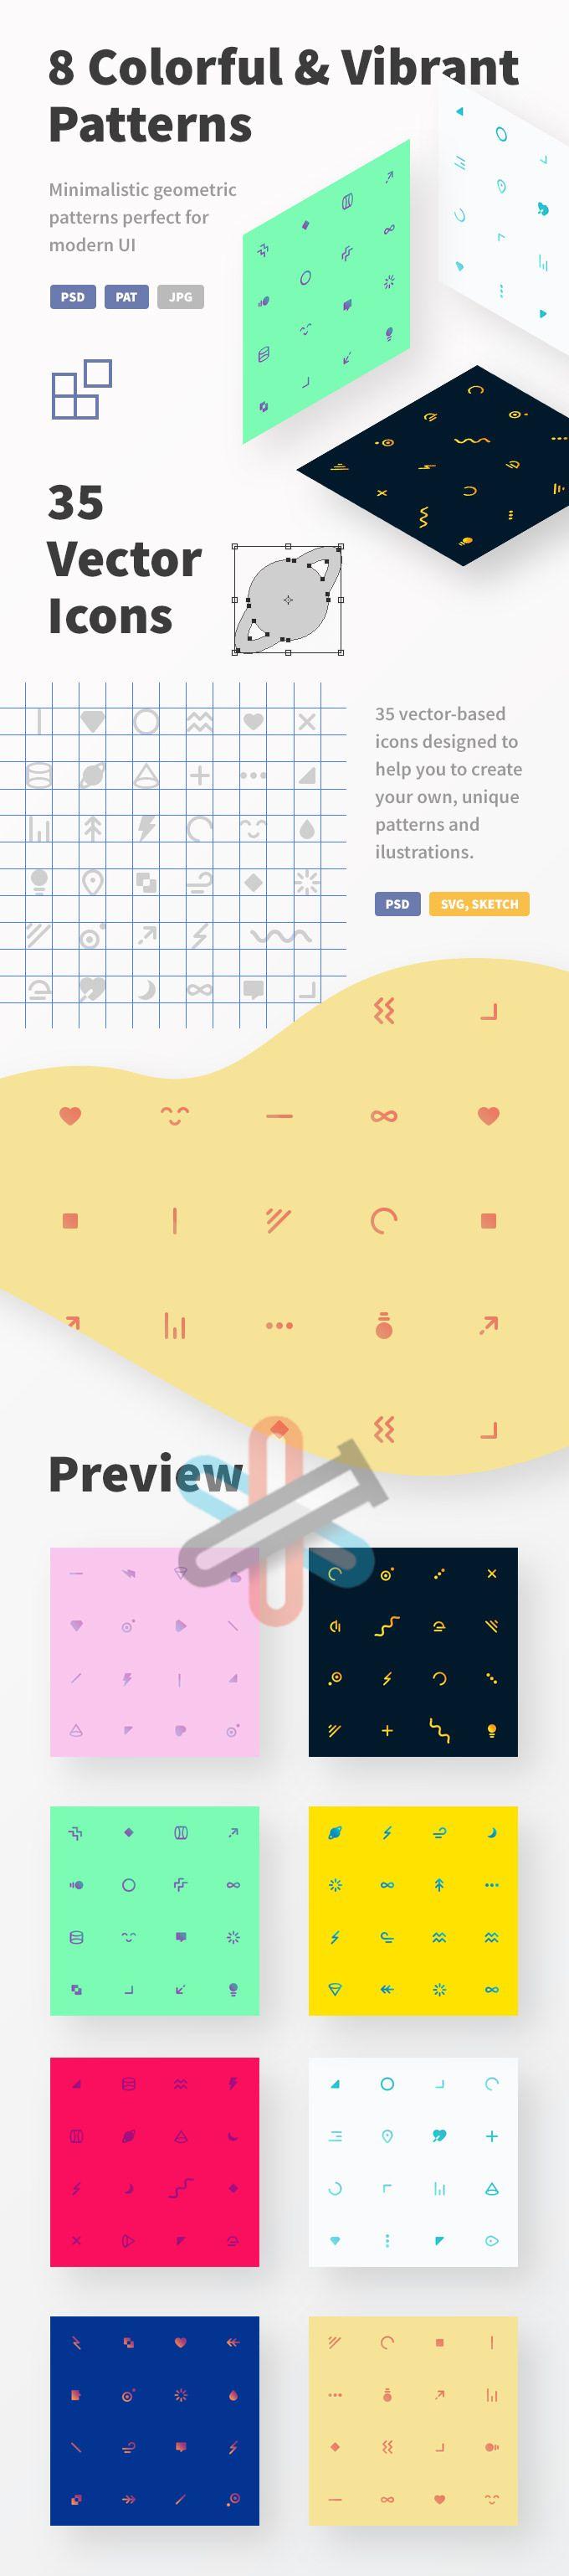 الگوهای آیکون و رابط کاربری Paticons